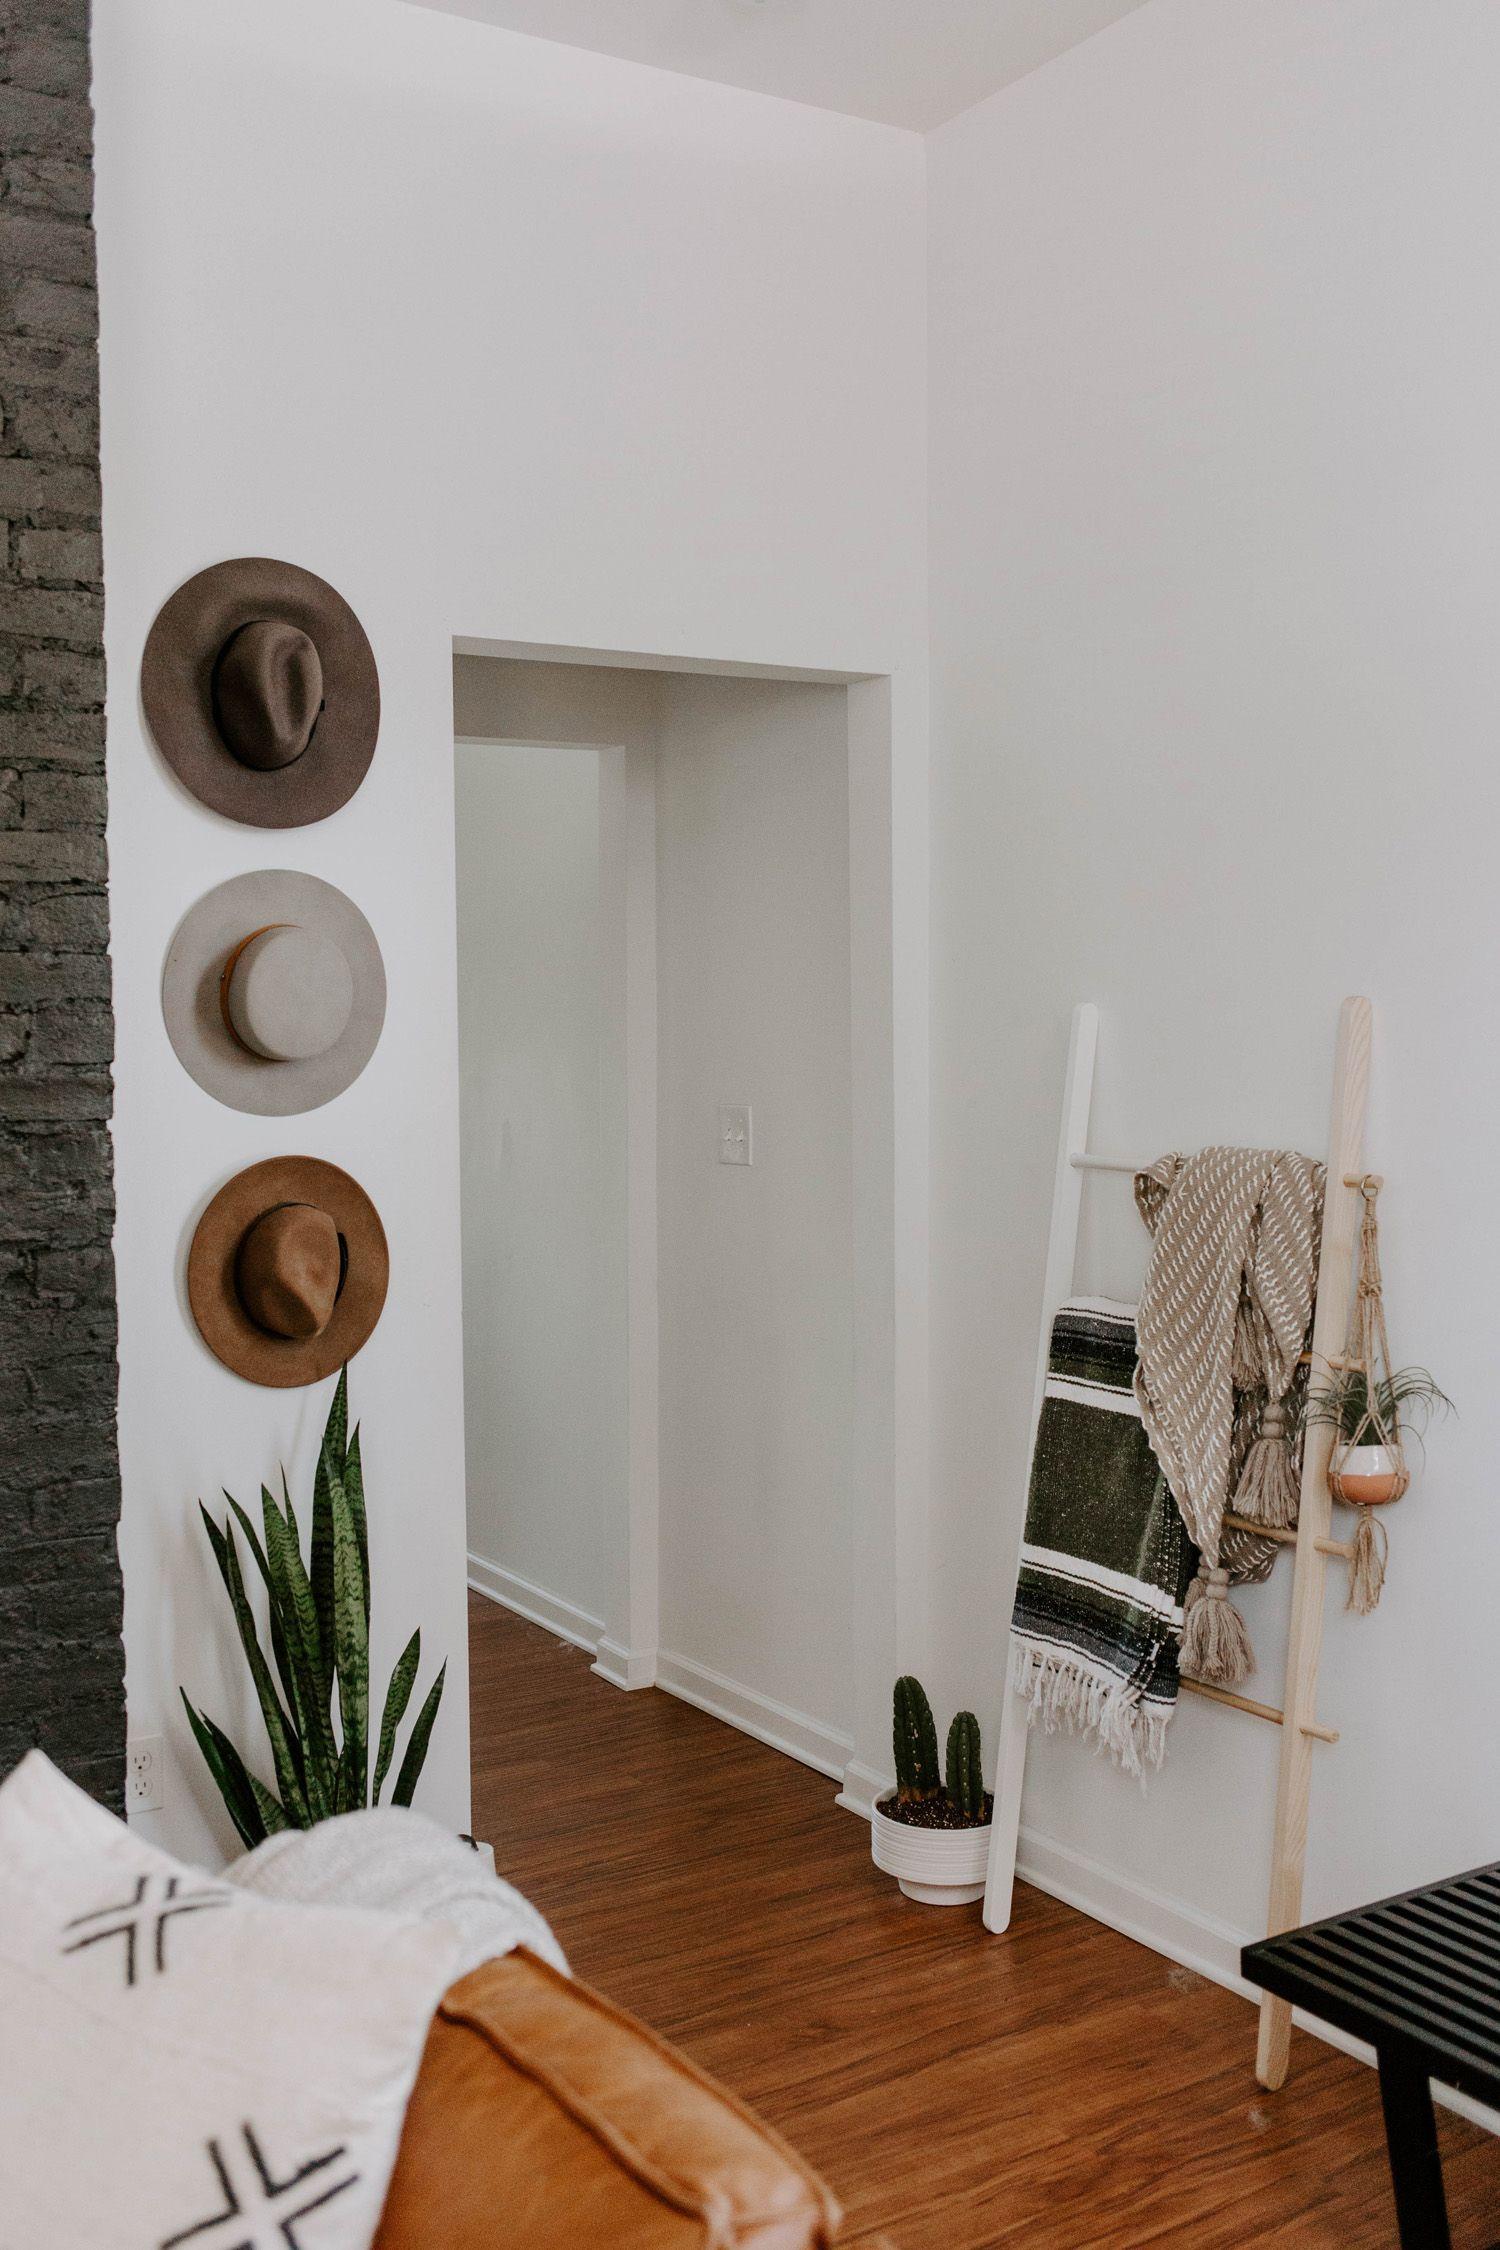 west elm home tour — china kautz  Diseño de interiores